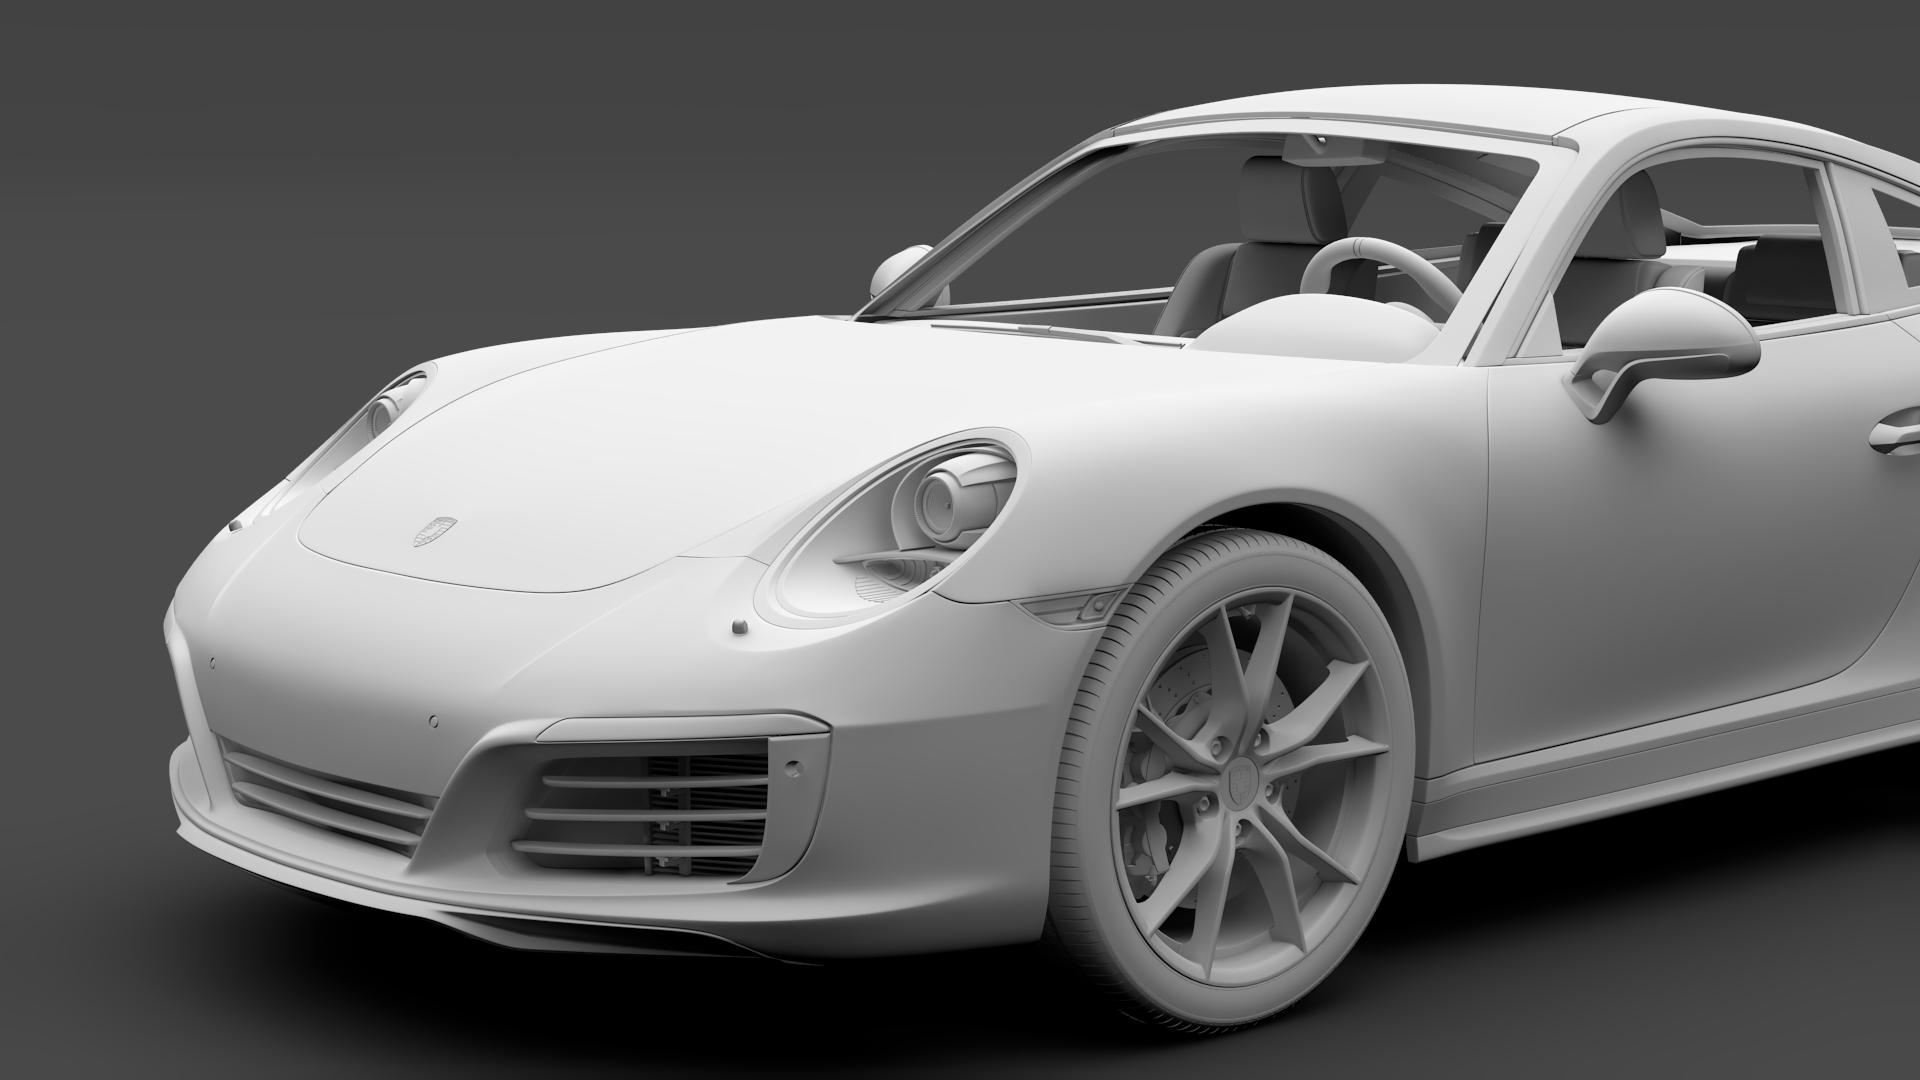 porsche 911 carrera t coupe (991) 2018 3d model max fbx c4d lwo ma mb hrc xsi obj 278972